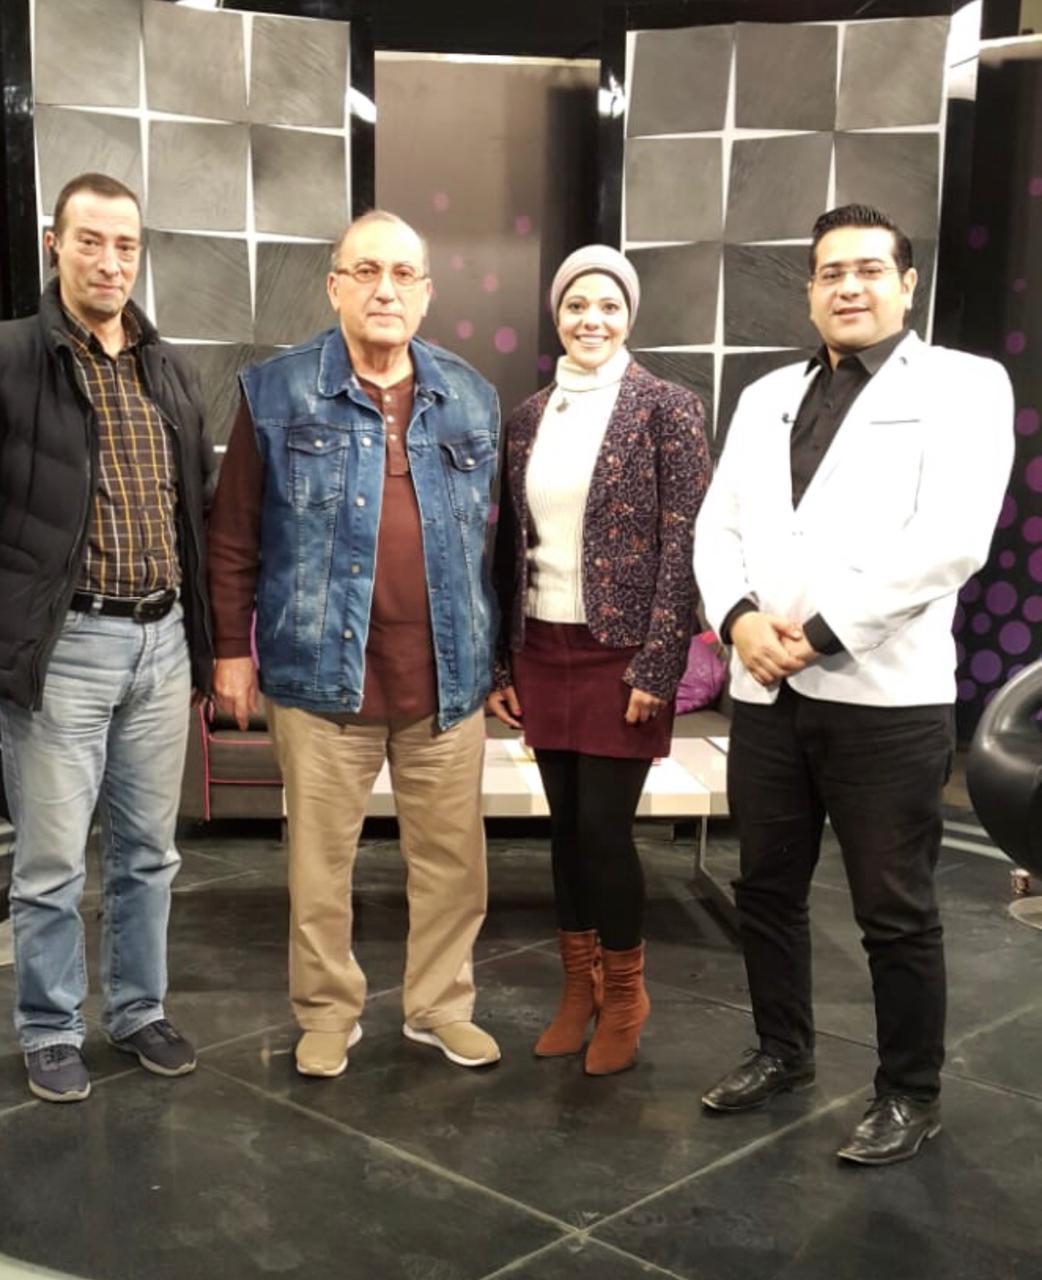 الاثنين الموسيقار الكبير سمير حبيب في نجوم رمضان بقناة نايل لايف